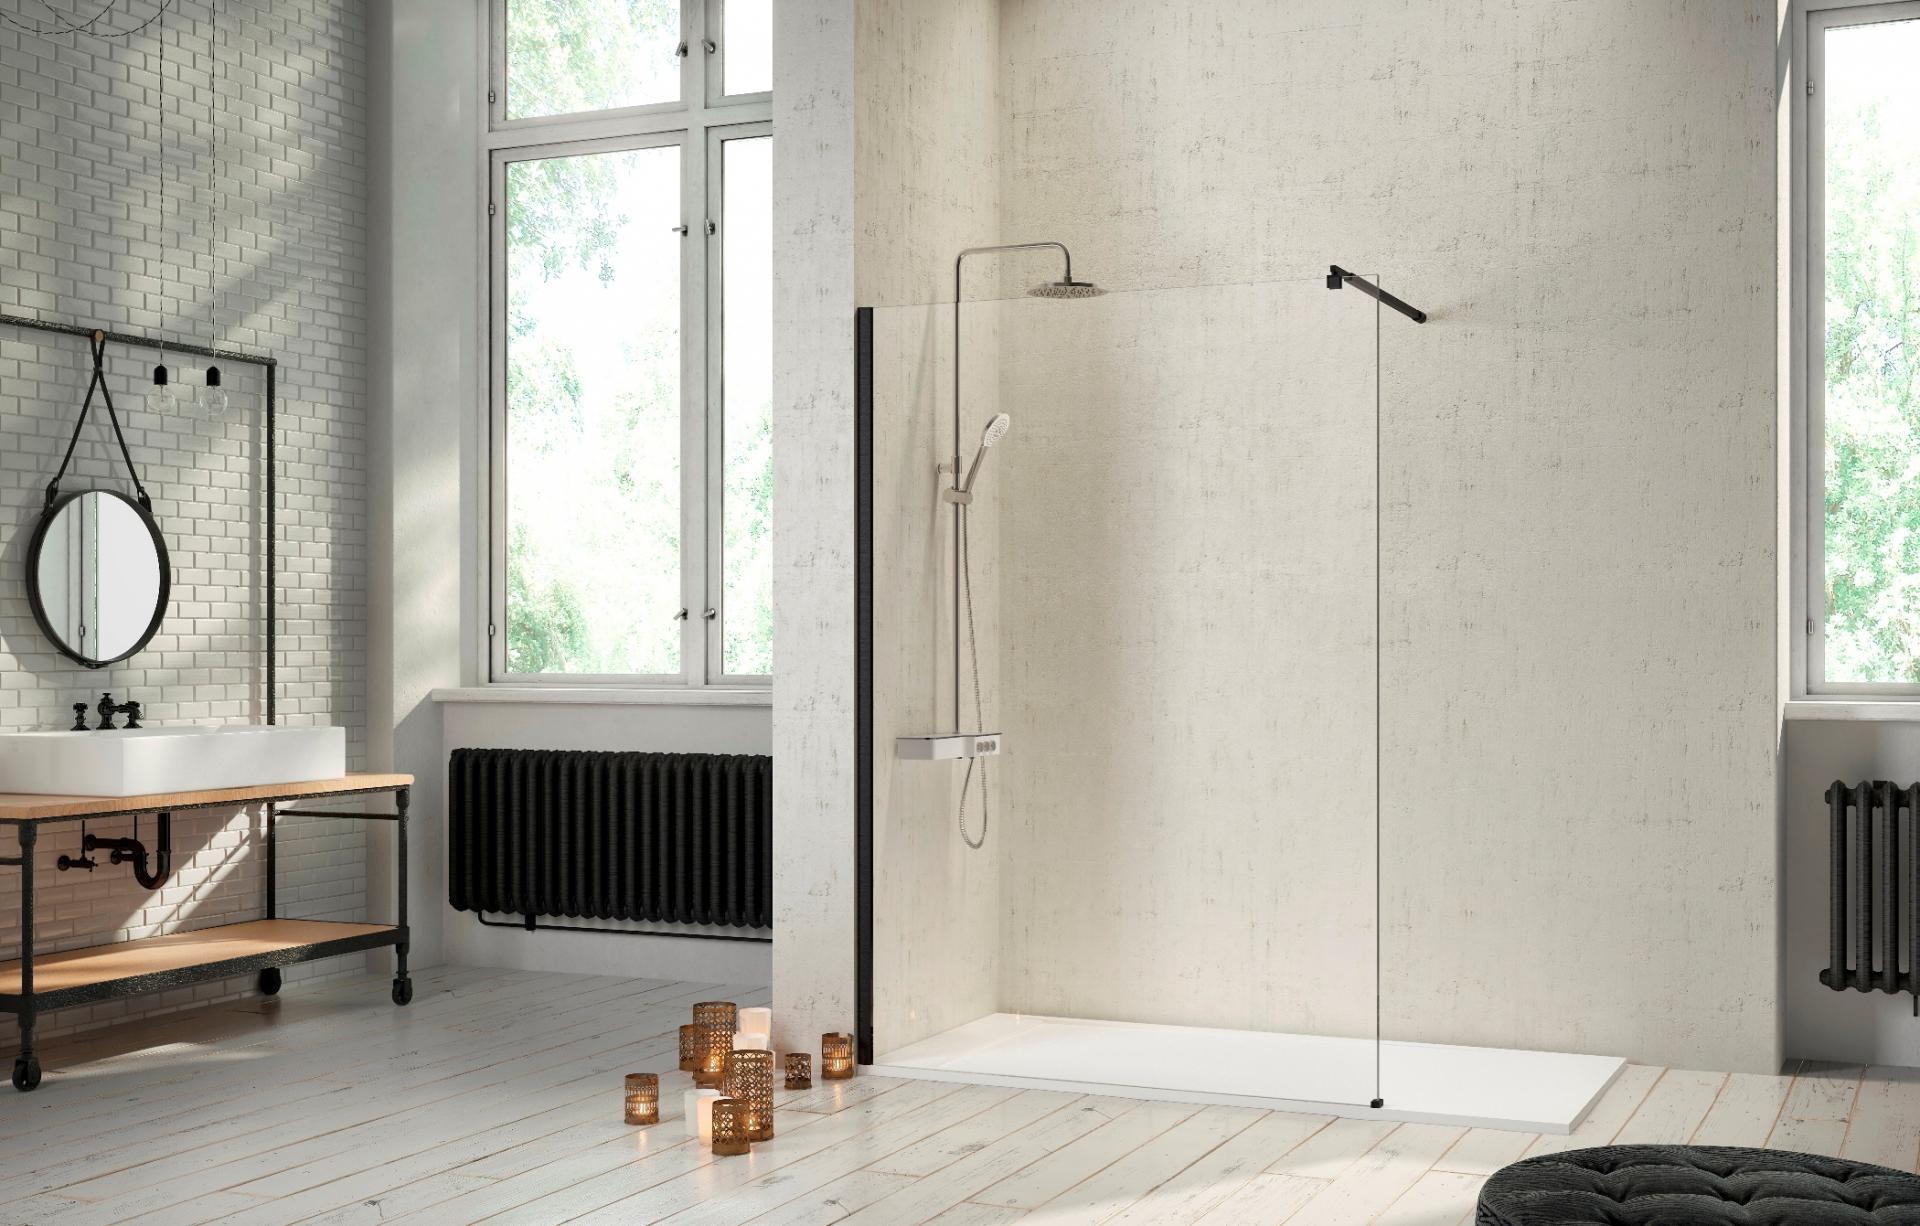 Baño de estilo industrial con mampara minimalista